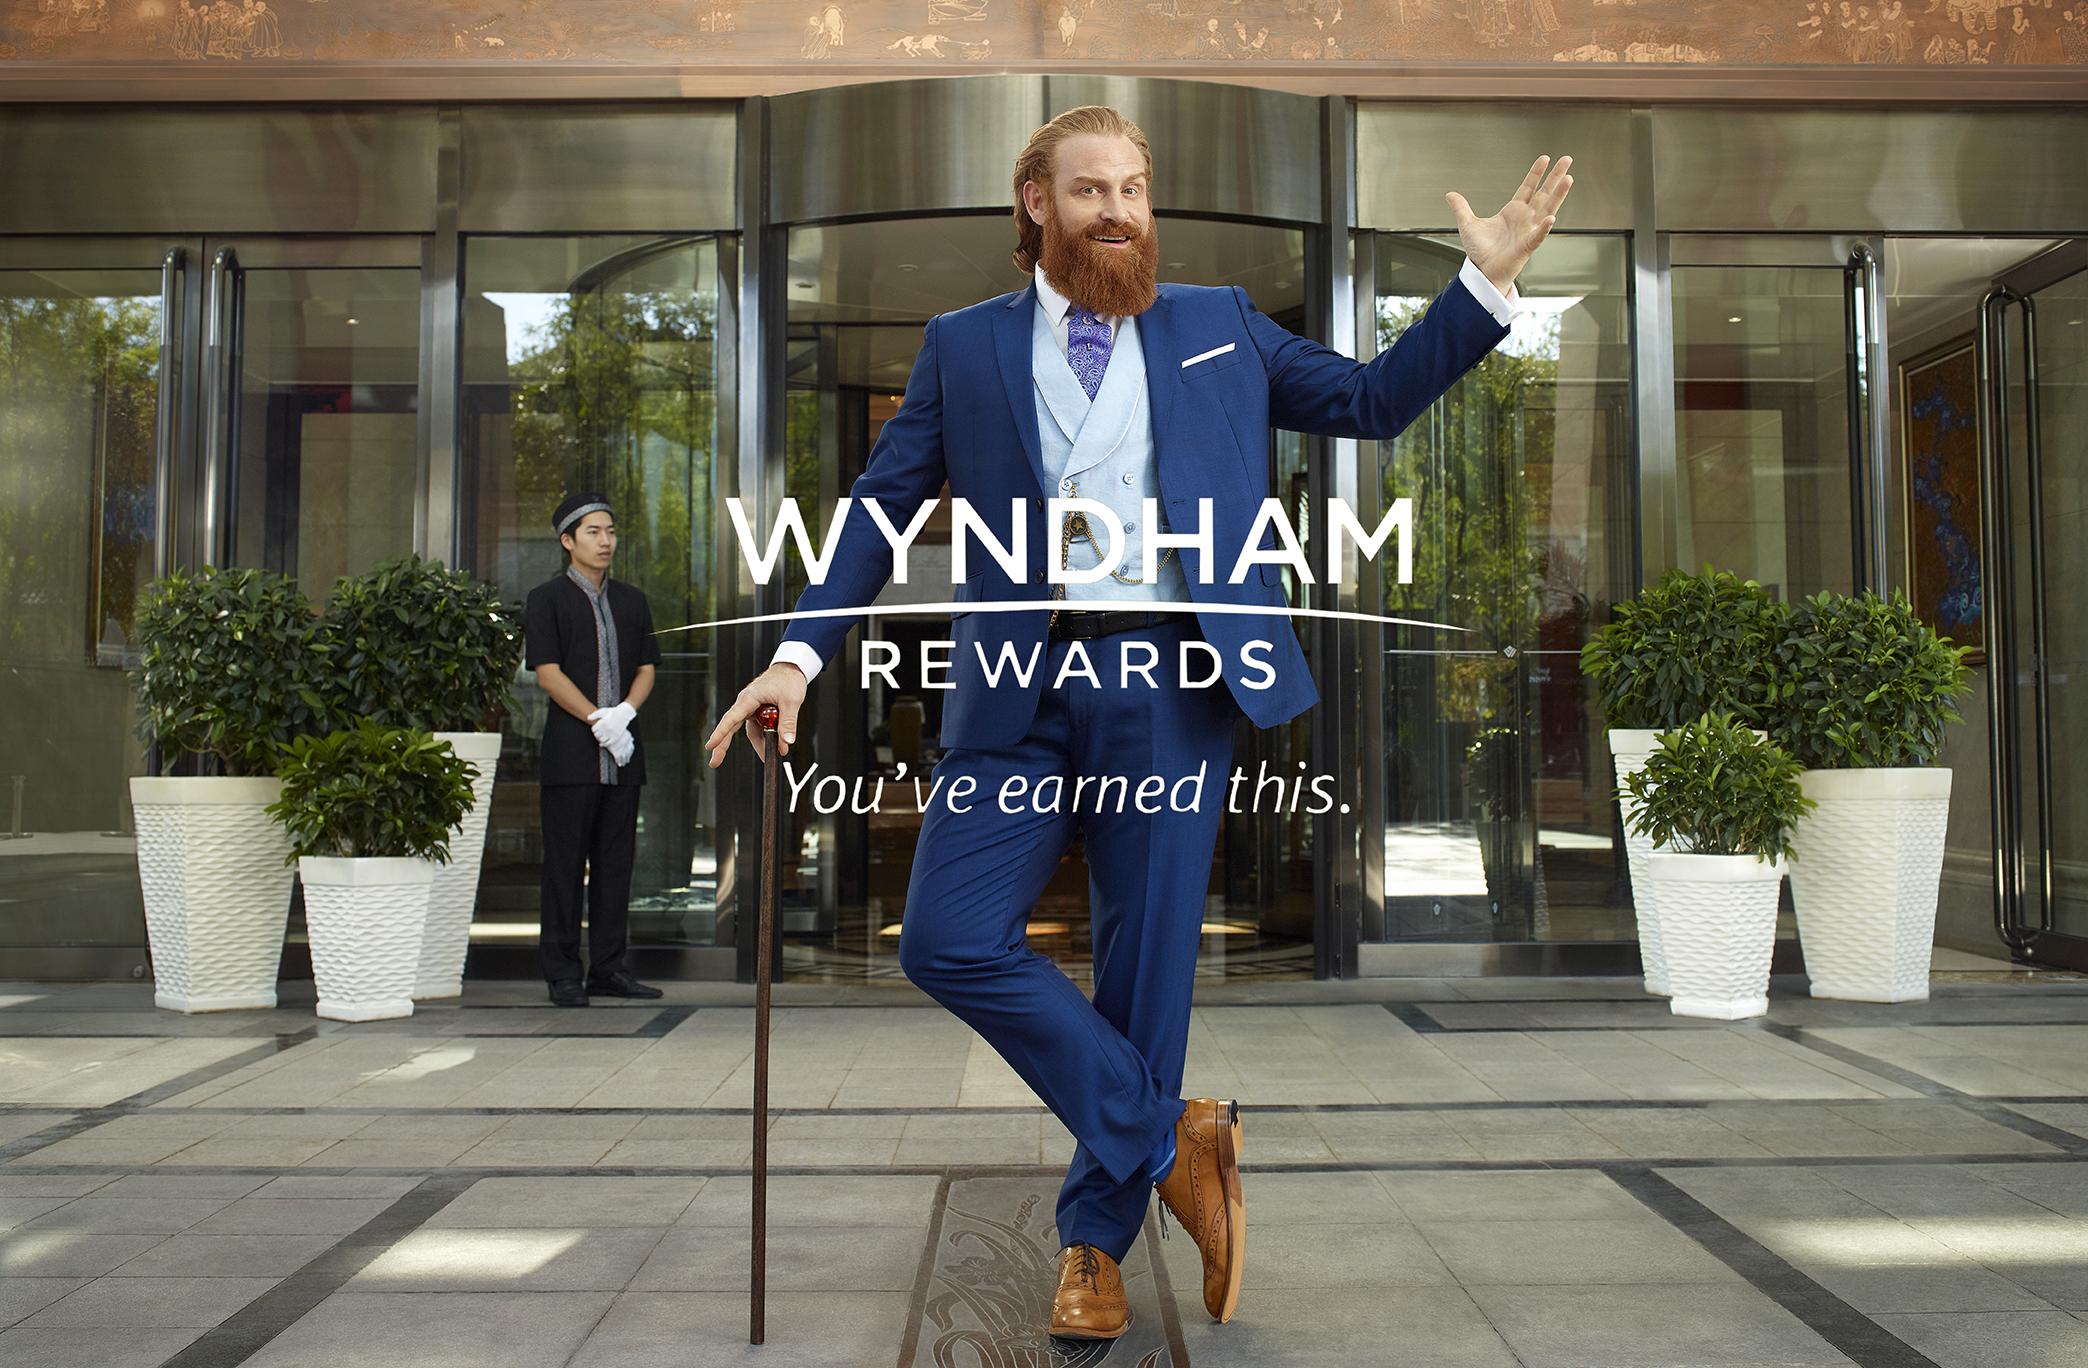 081017WY_wyndham_wyzard_xian_grand_entrance_180_10022017 copy.jpg